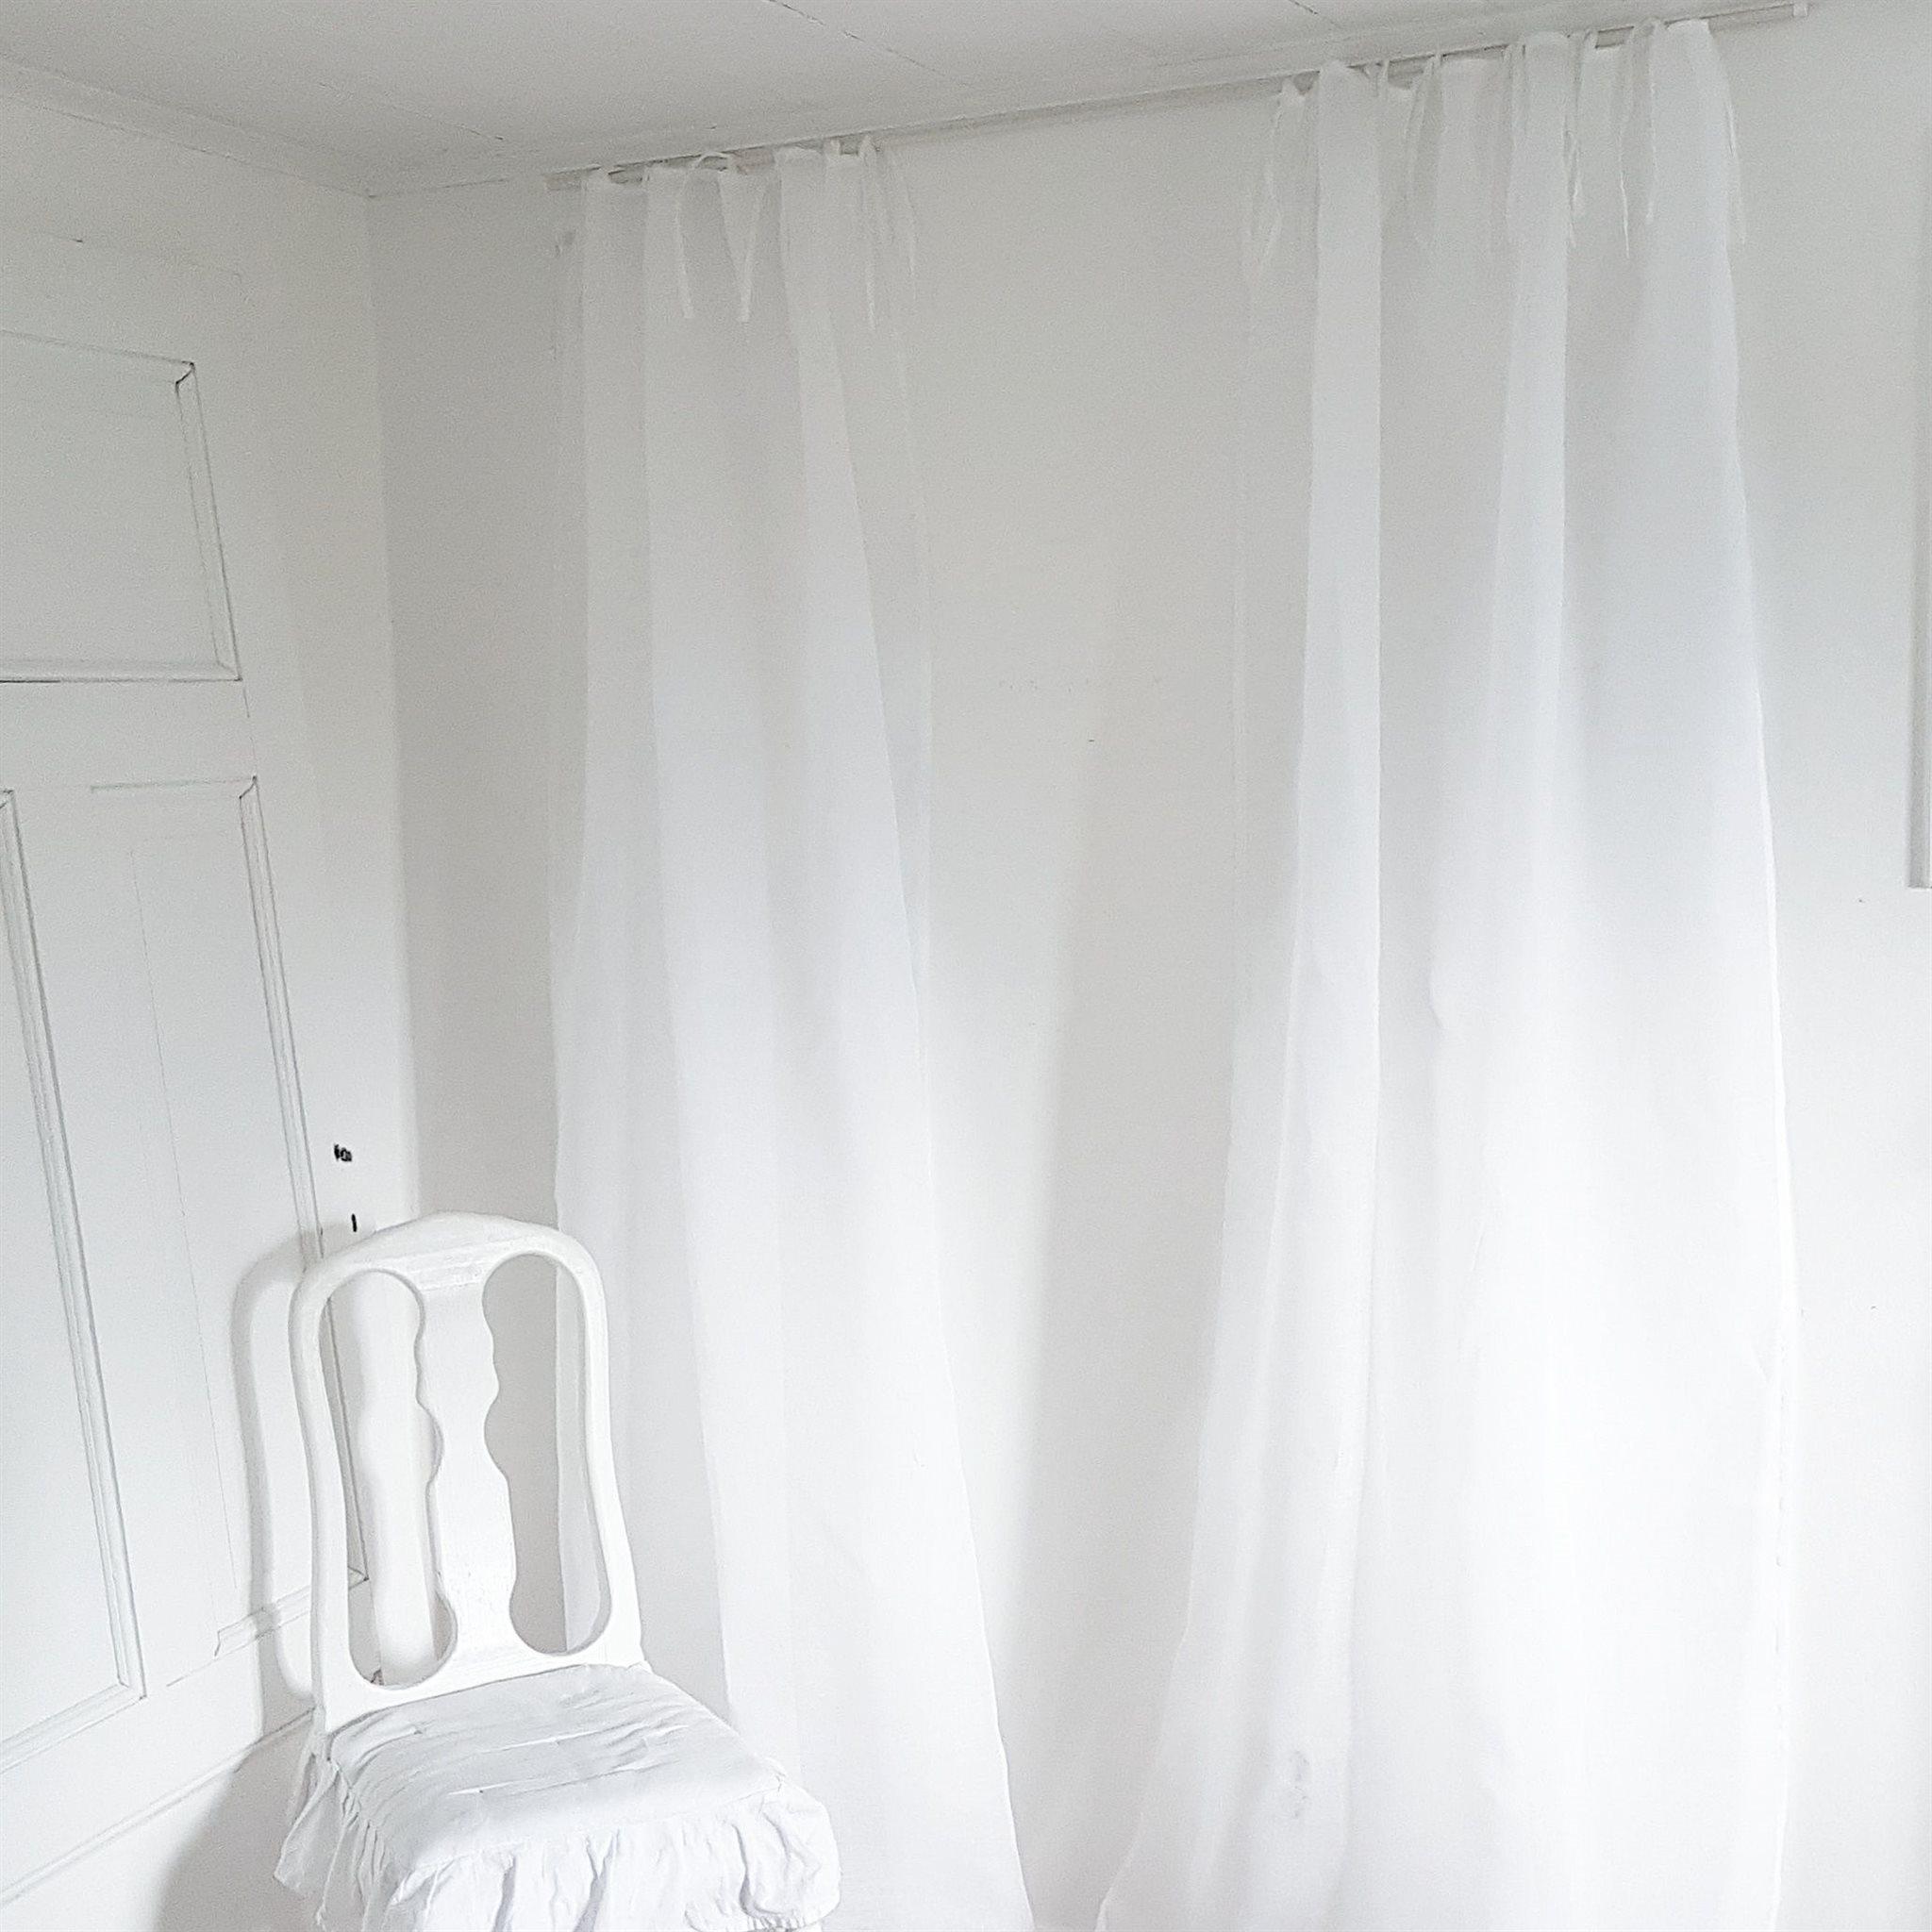 shabby chic gardiner shabby chic gardiner with shabby. Black Bedroom Furniture Sets. Home Design Ideas